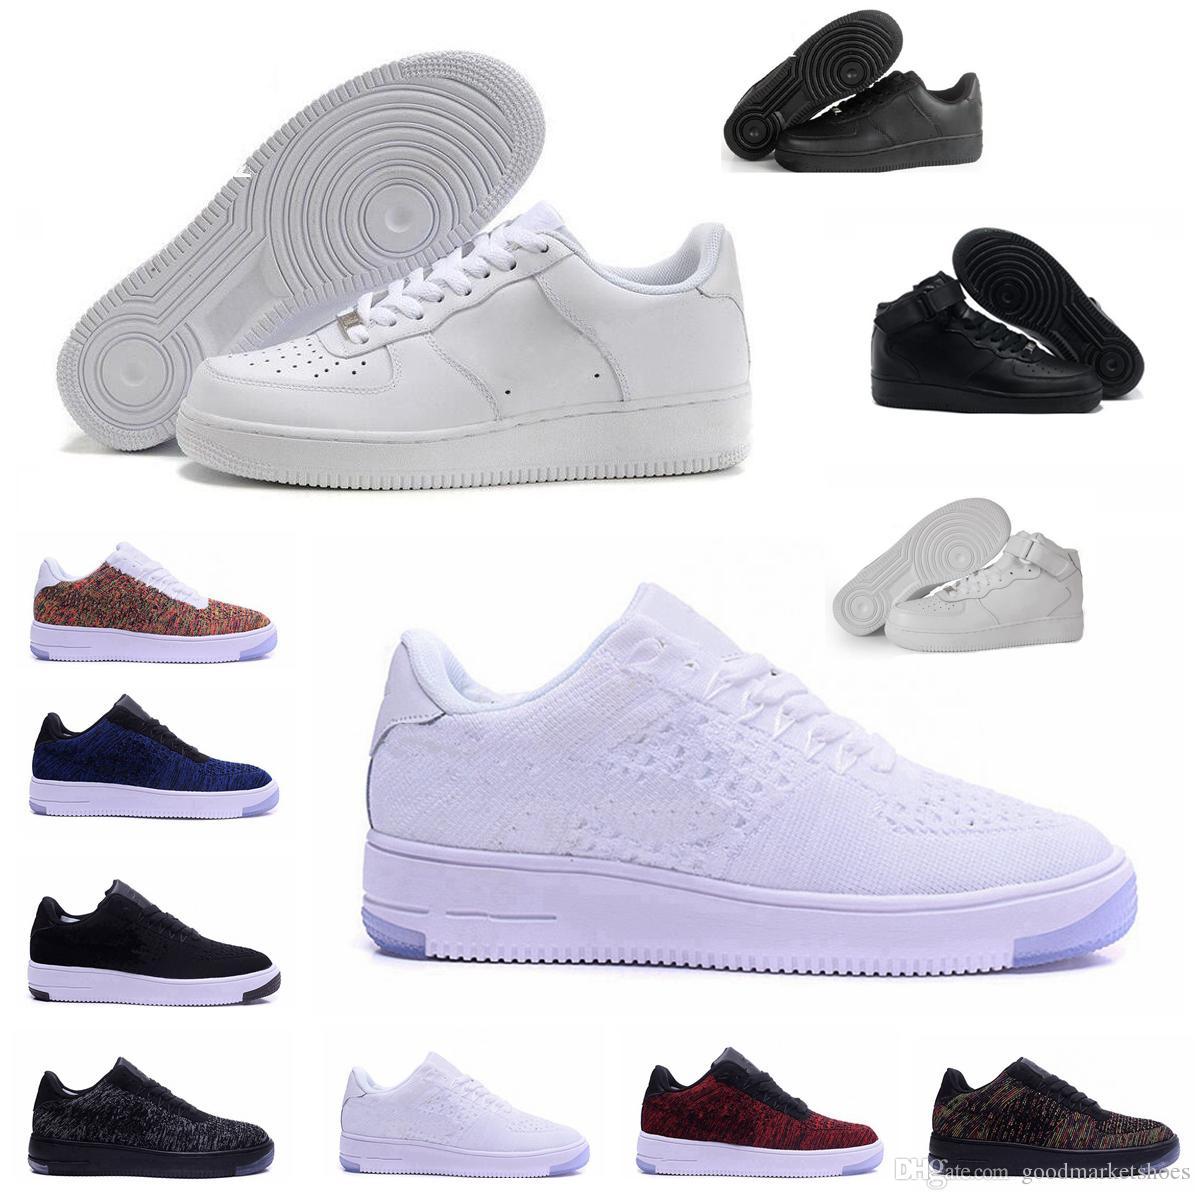 2018 أعلى جودة الرجال الموضة الجديدة عالية أعلى أحذية بيضاء لوفت عارضة الأسود الحب للجنسين واحد 1 الحرة الشحن يورو 36-45